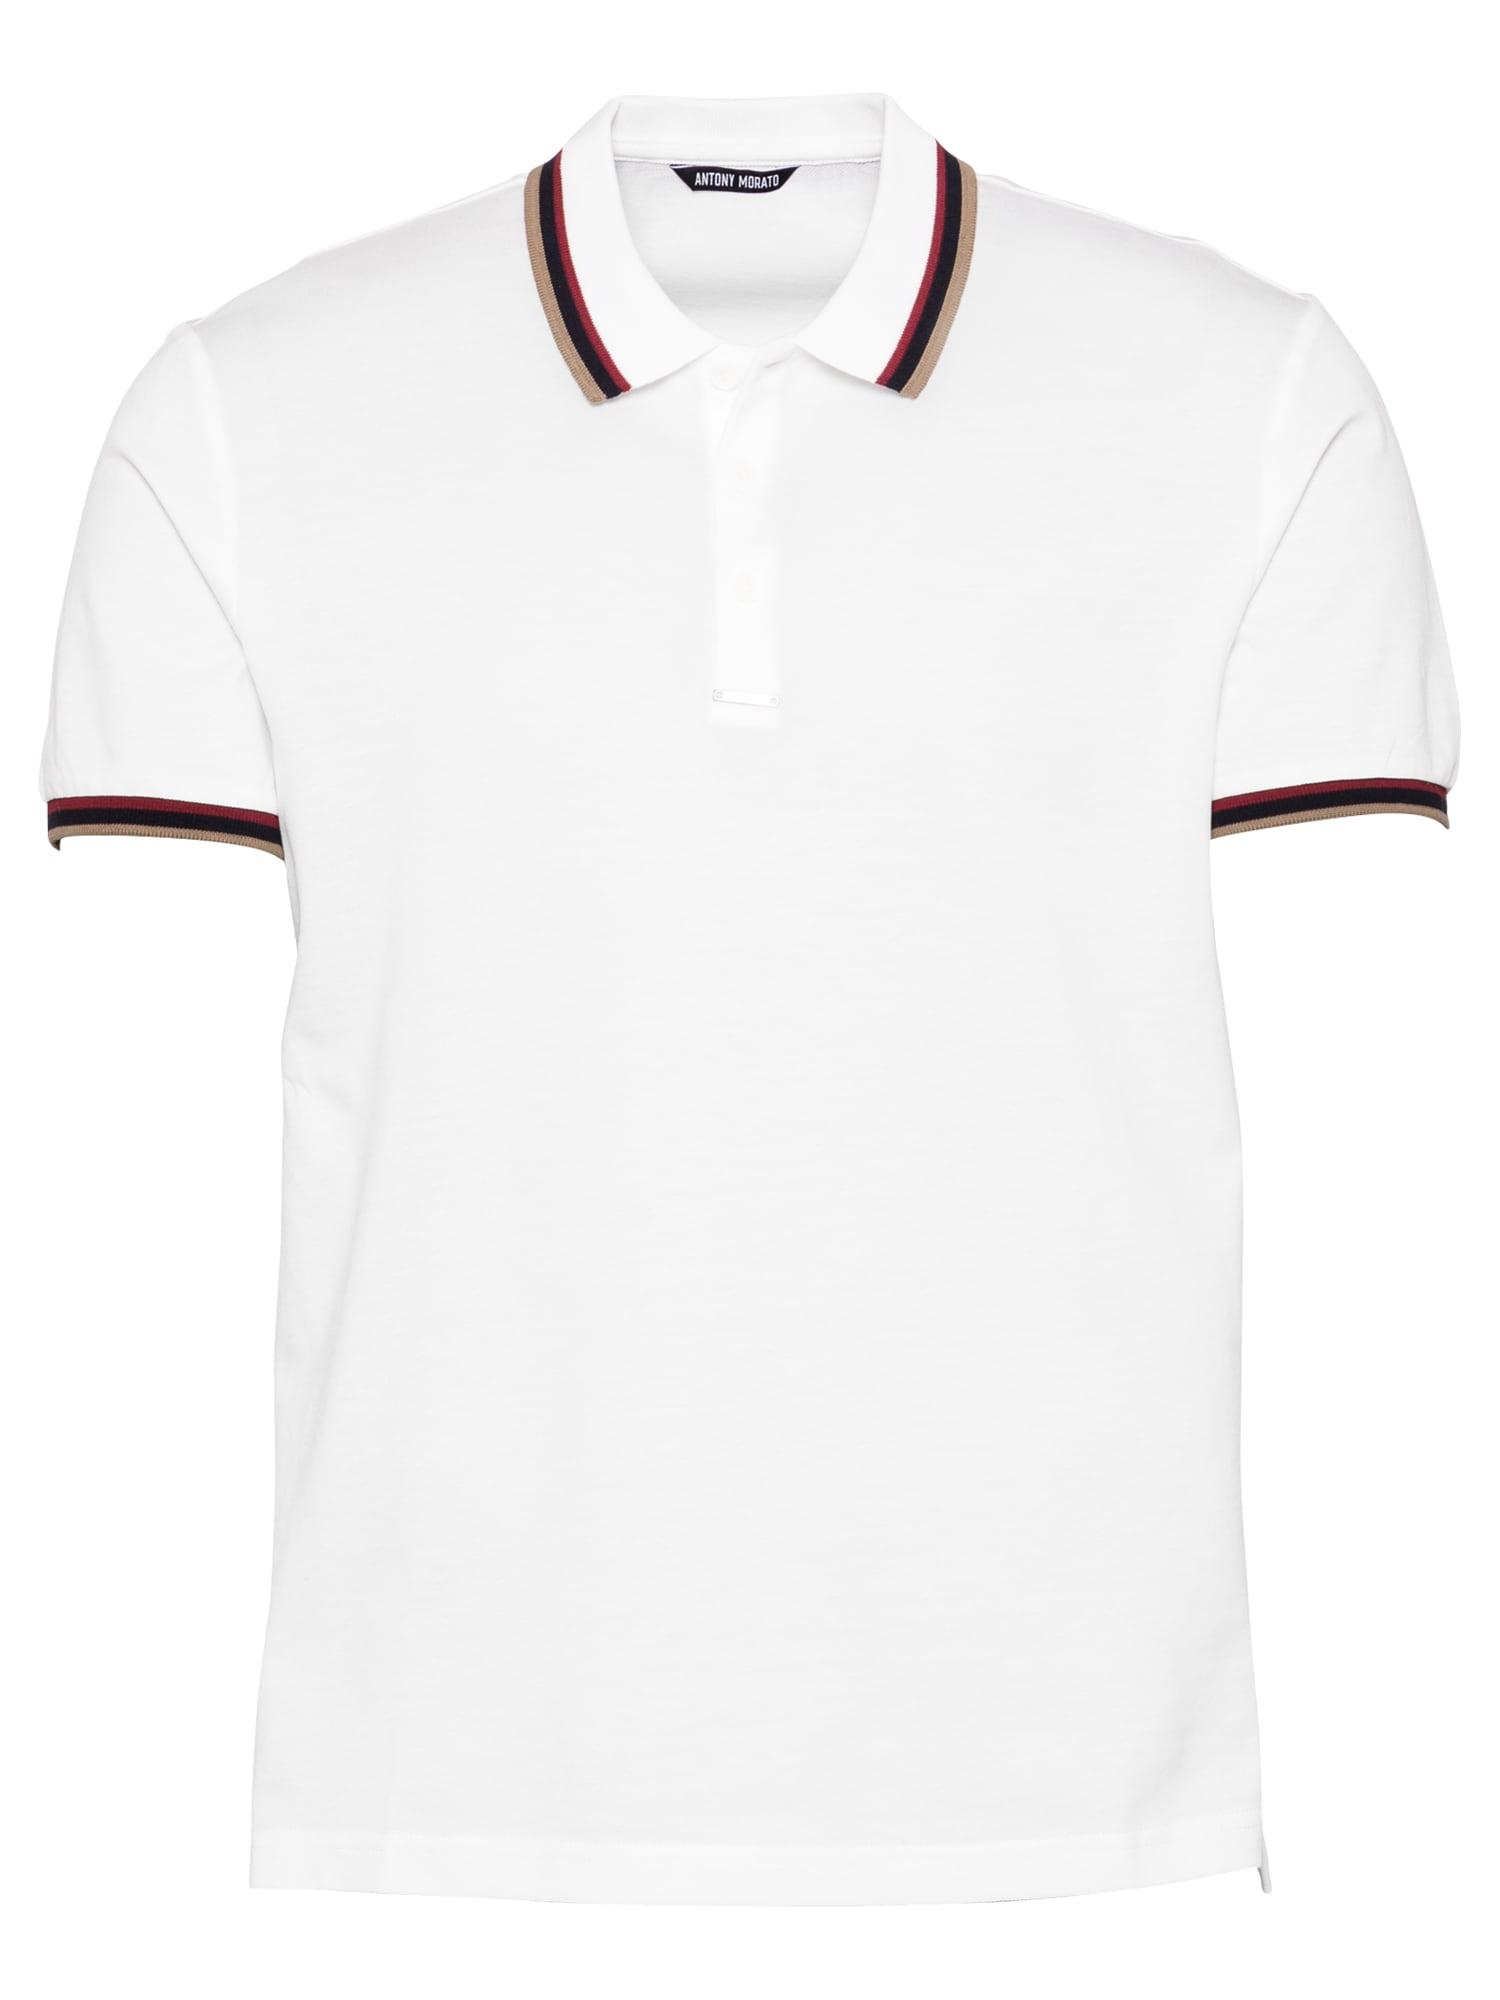 ANTONY MORATO Marškinėliai juoda / šviesiai ruda / vyno raudona spalva / balta